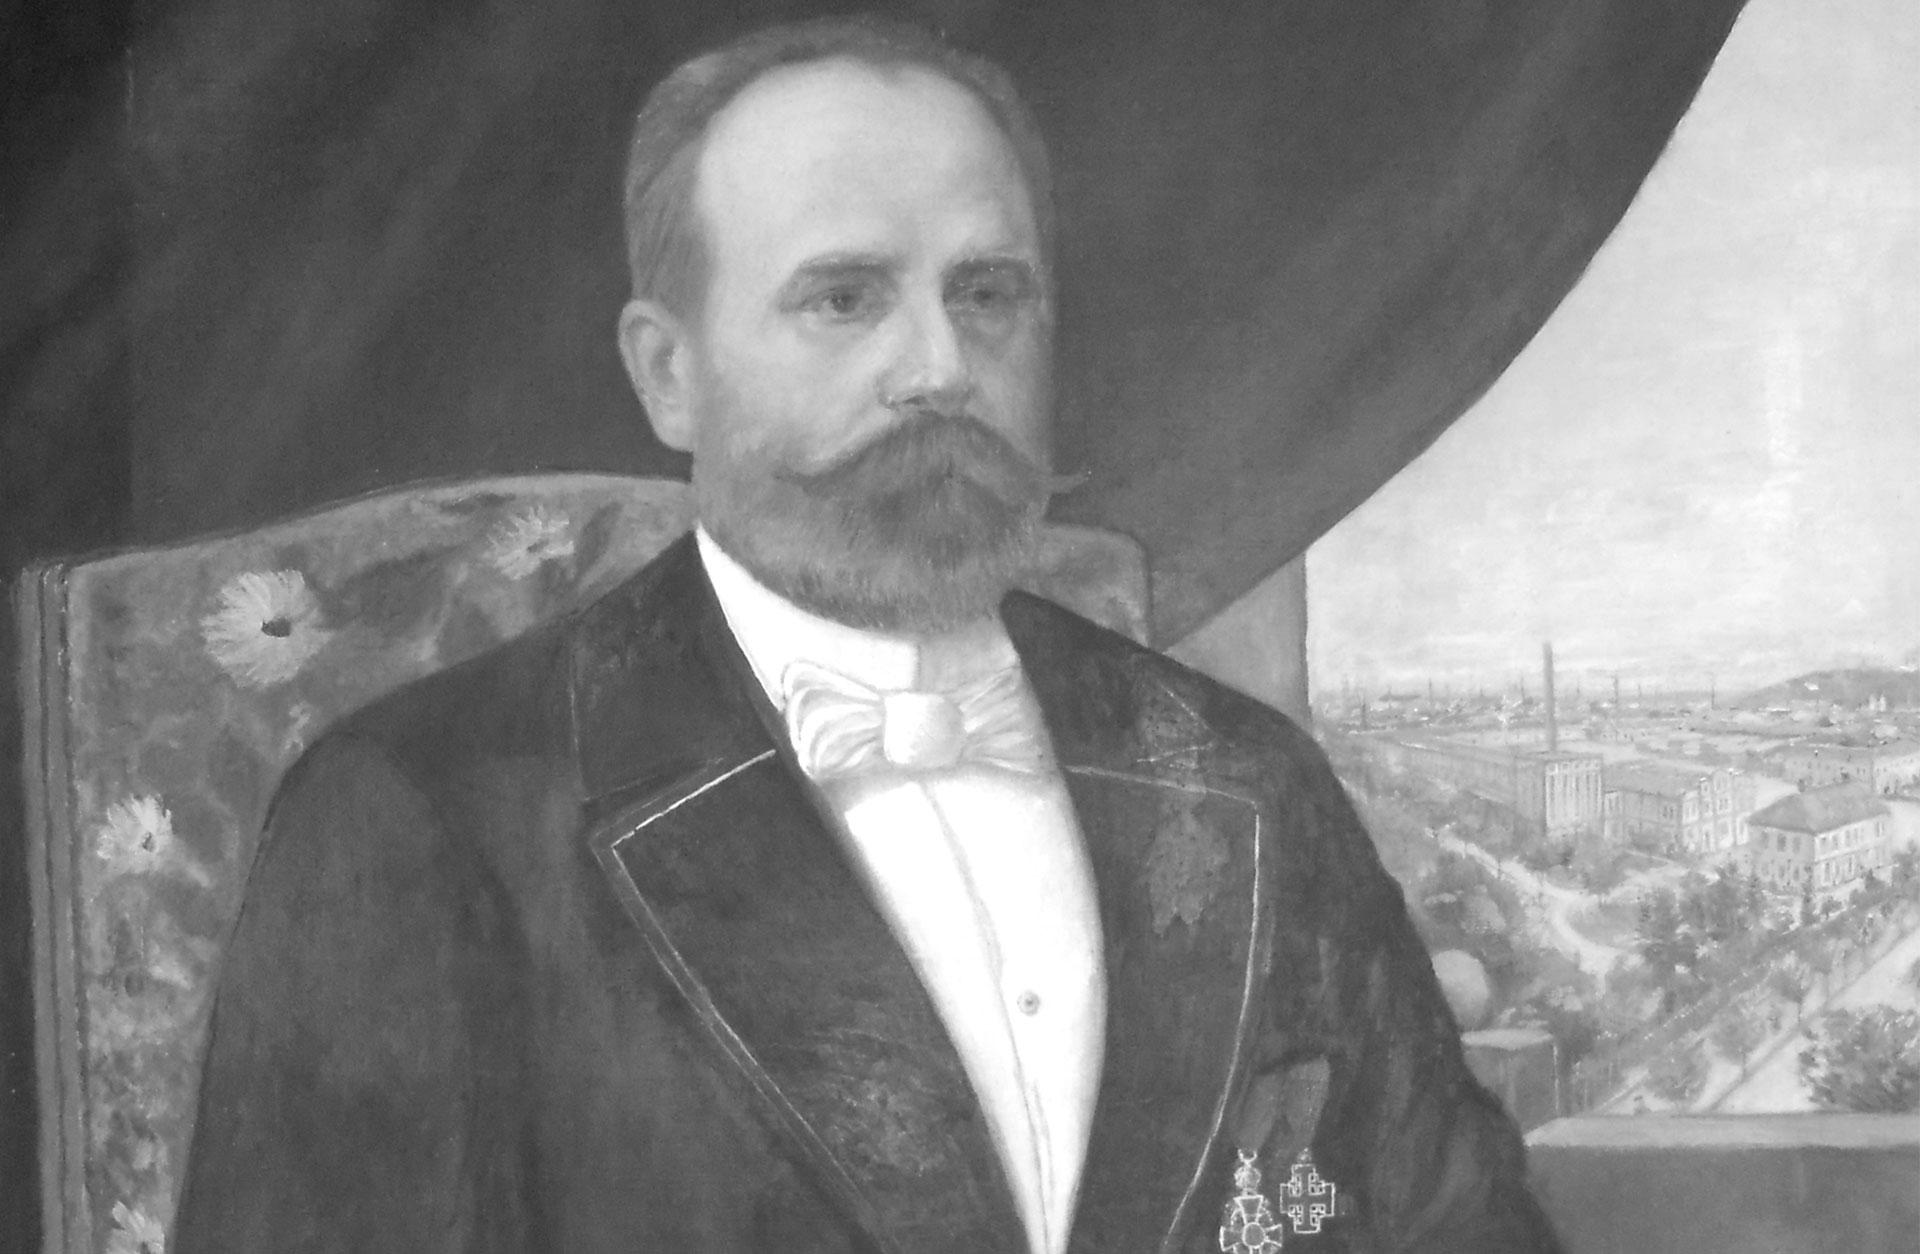 Oljeporträtt av Franz Rieger